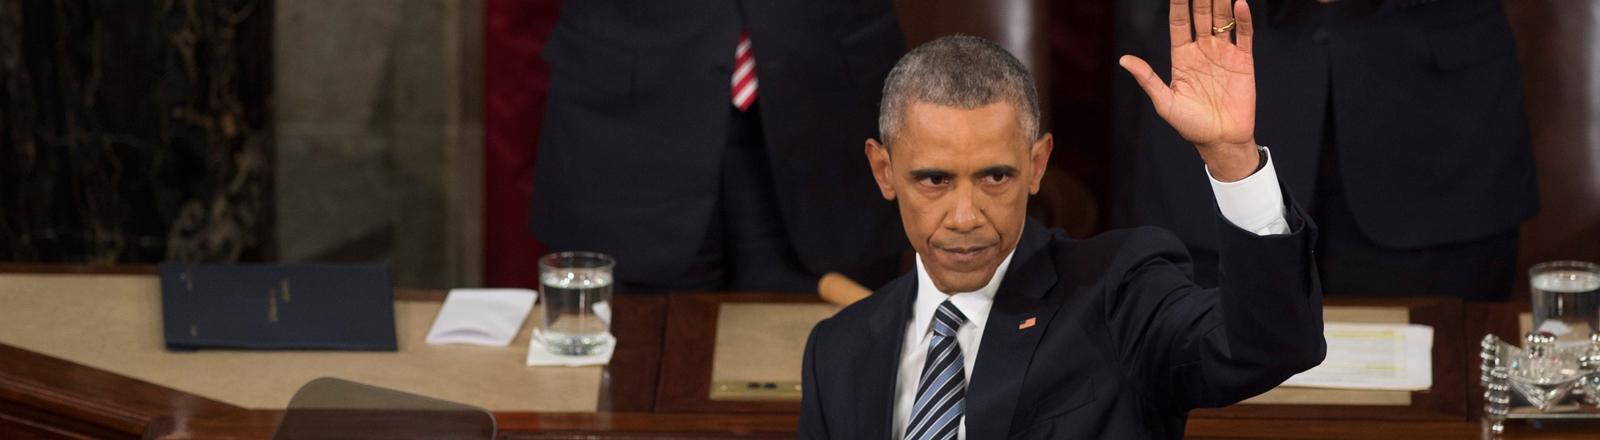 Barack Obama nach seiner letzten Rede zur Lage der Nation.